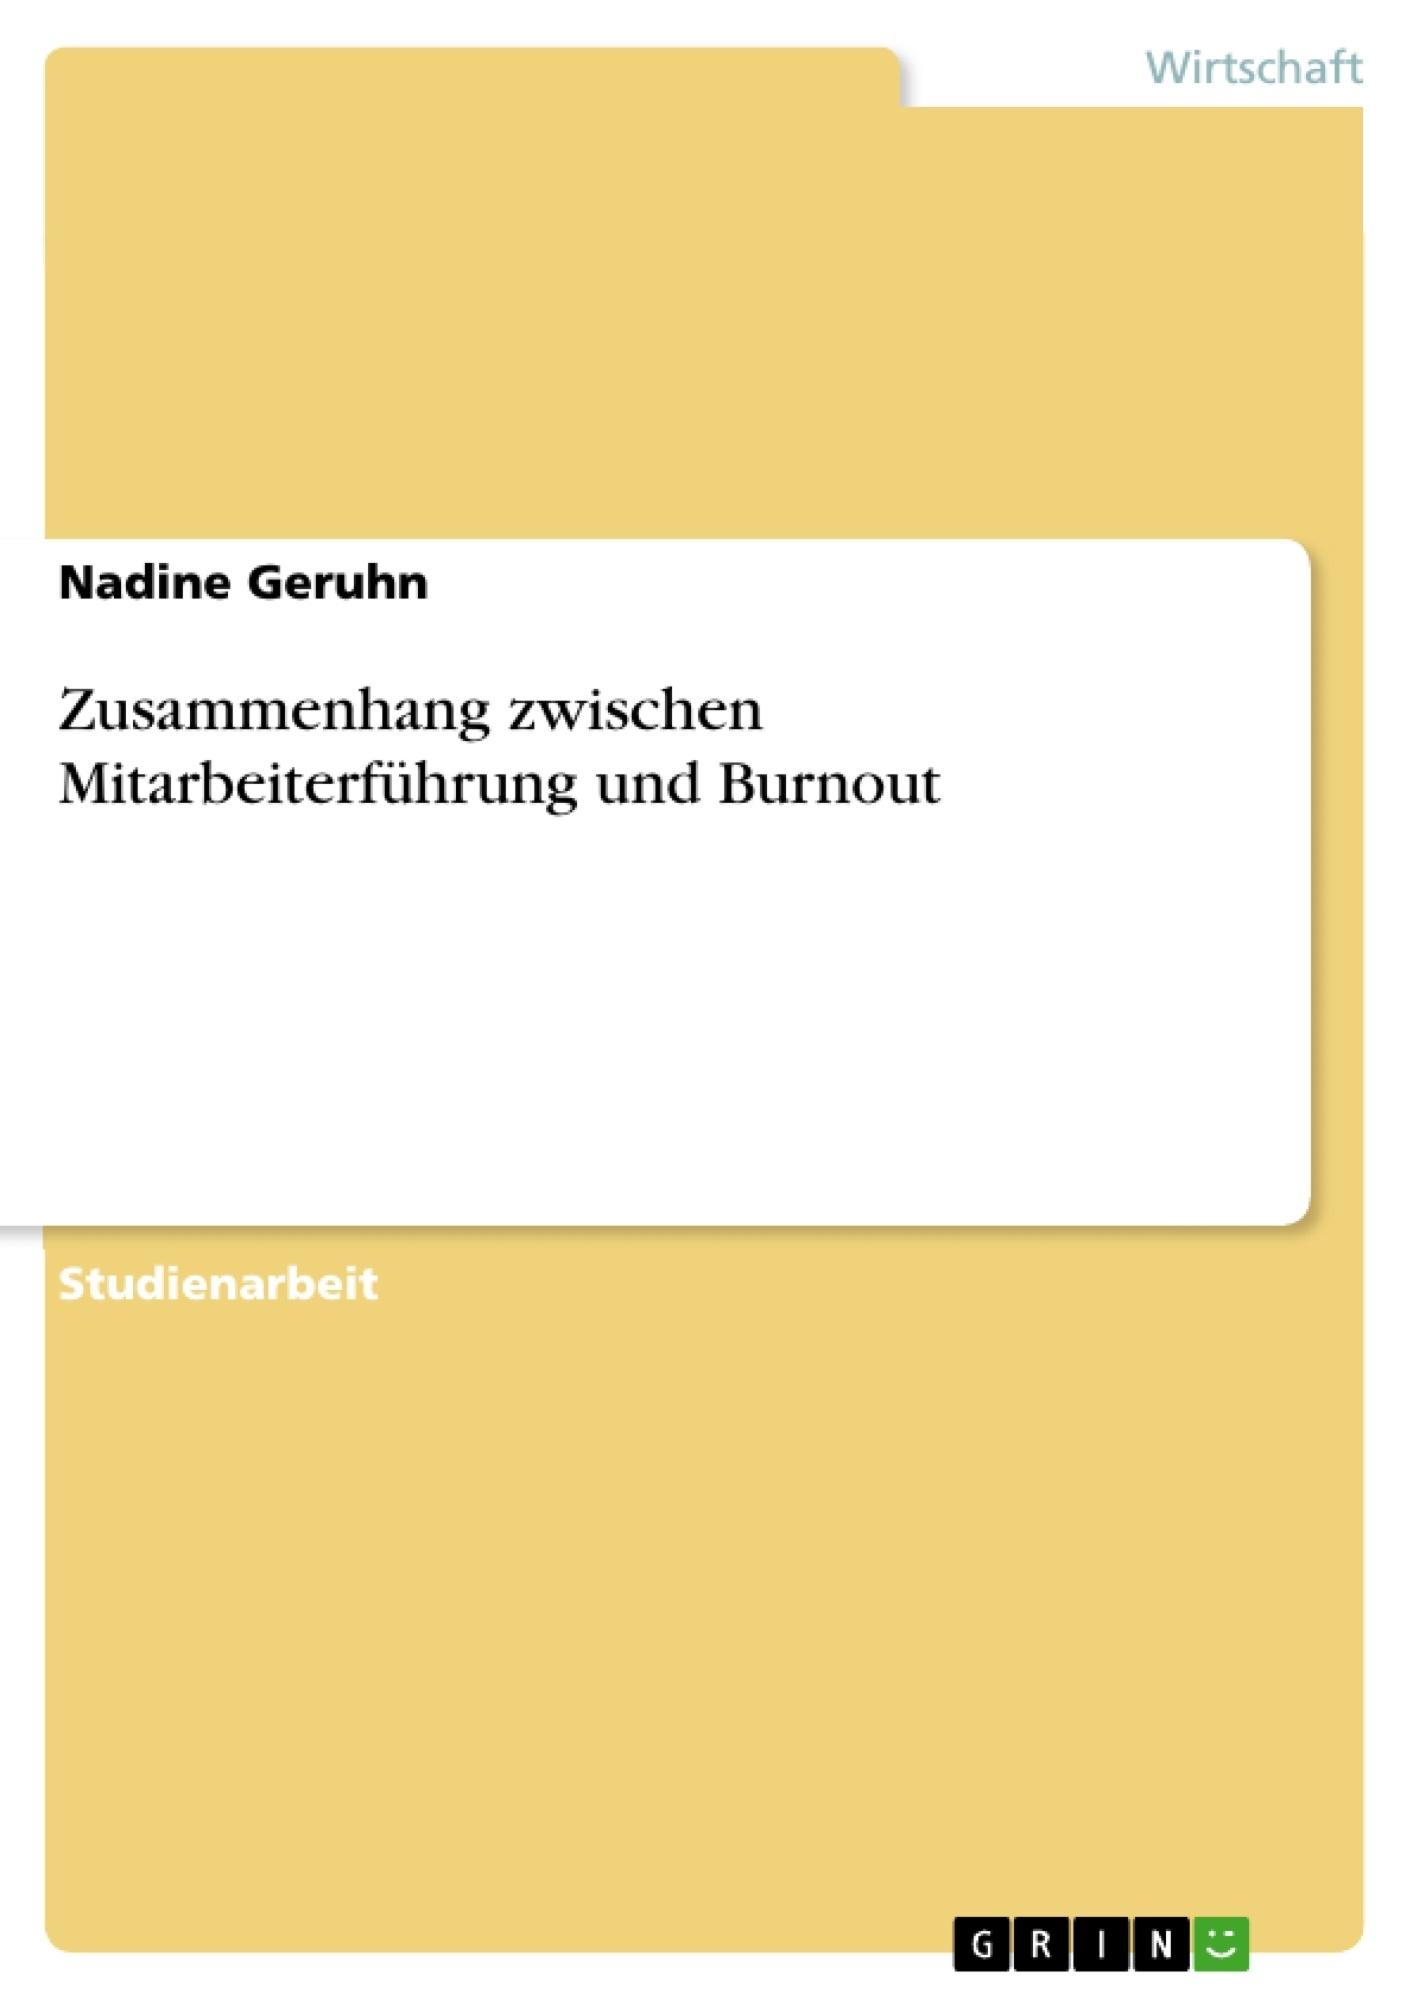 Titel: Zusammenhang zwischen Mitarbeiterführung und Burnout